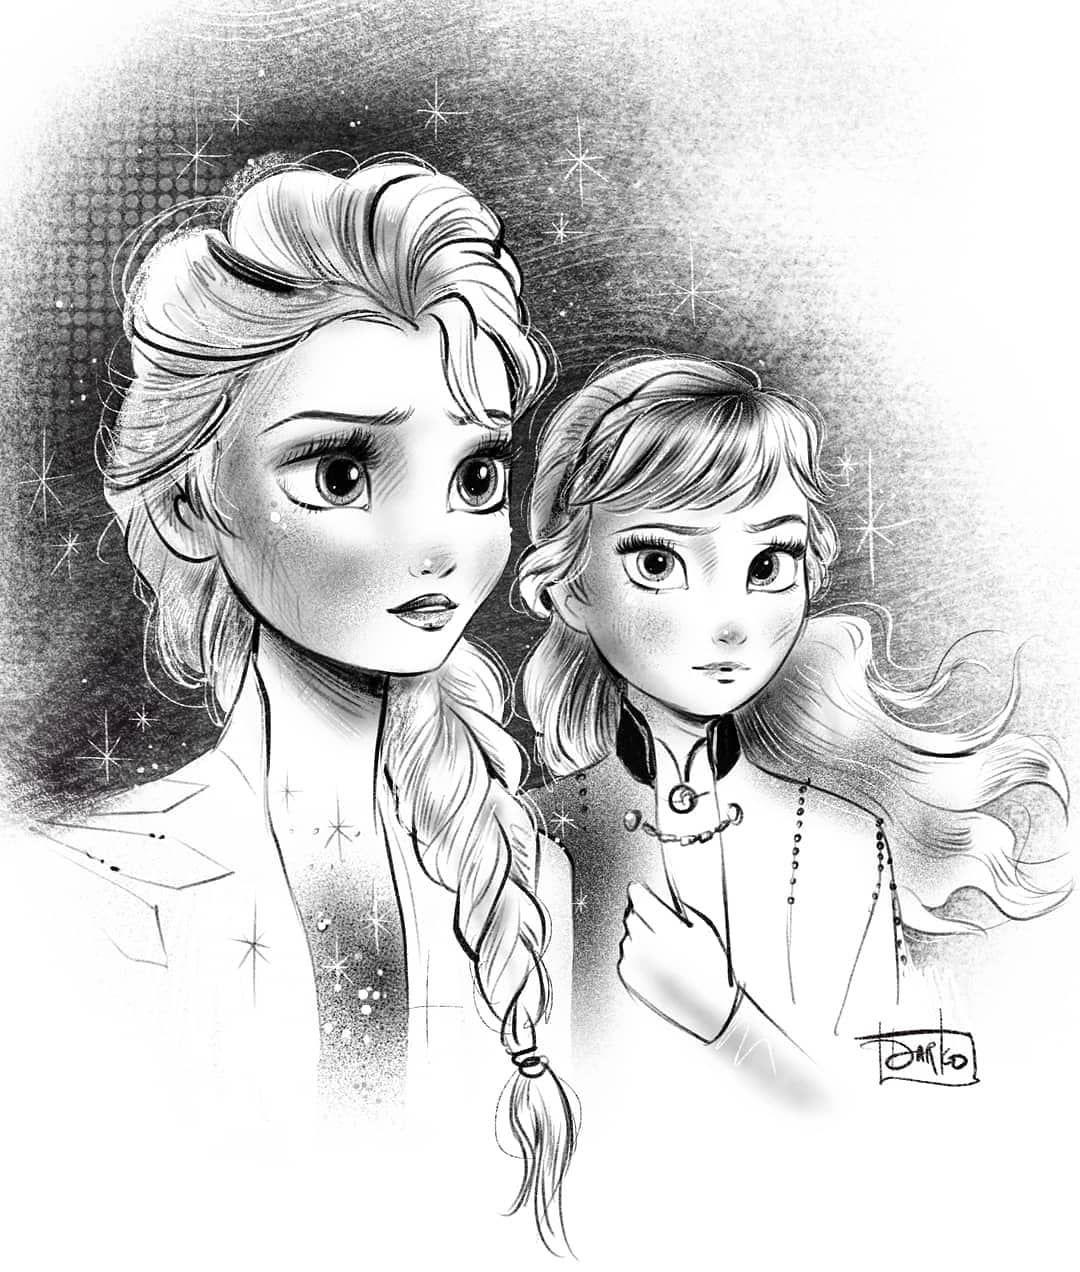 2 065 Likes 16 Comments Darko Dordevic Darkodark On Instagram Disneyfrozen Frozen Elsa Prin Disney Skizzen Disney Zeichnen Disney Bilder